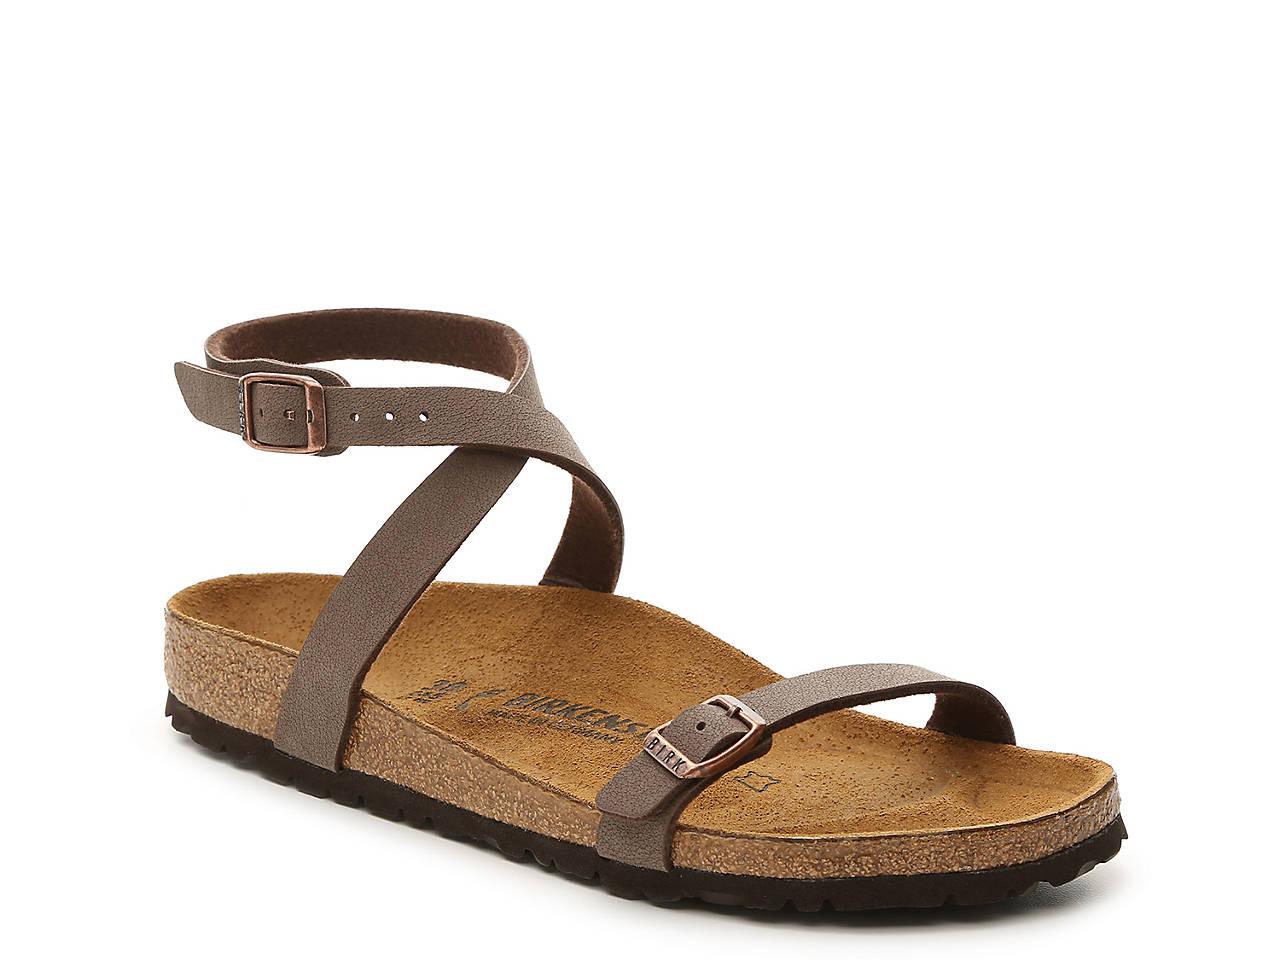 143d958a9a68 Birkenstock. Daloa Flat Sandal - Women s